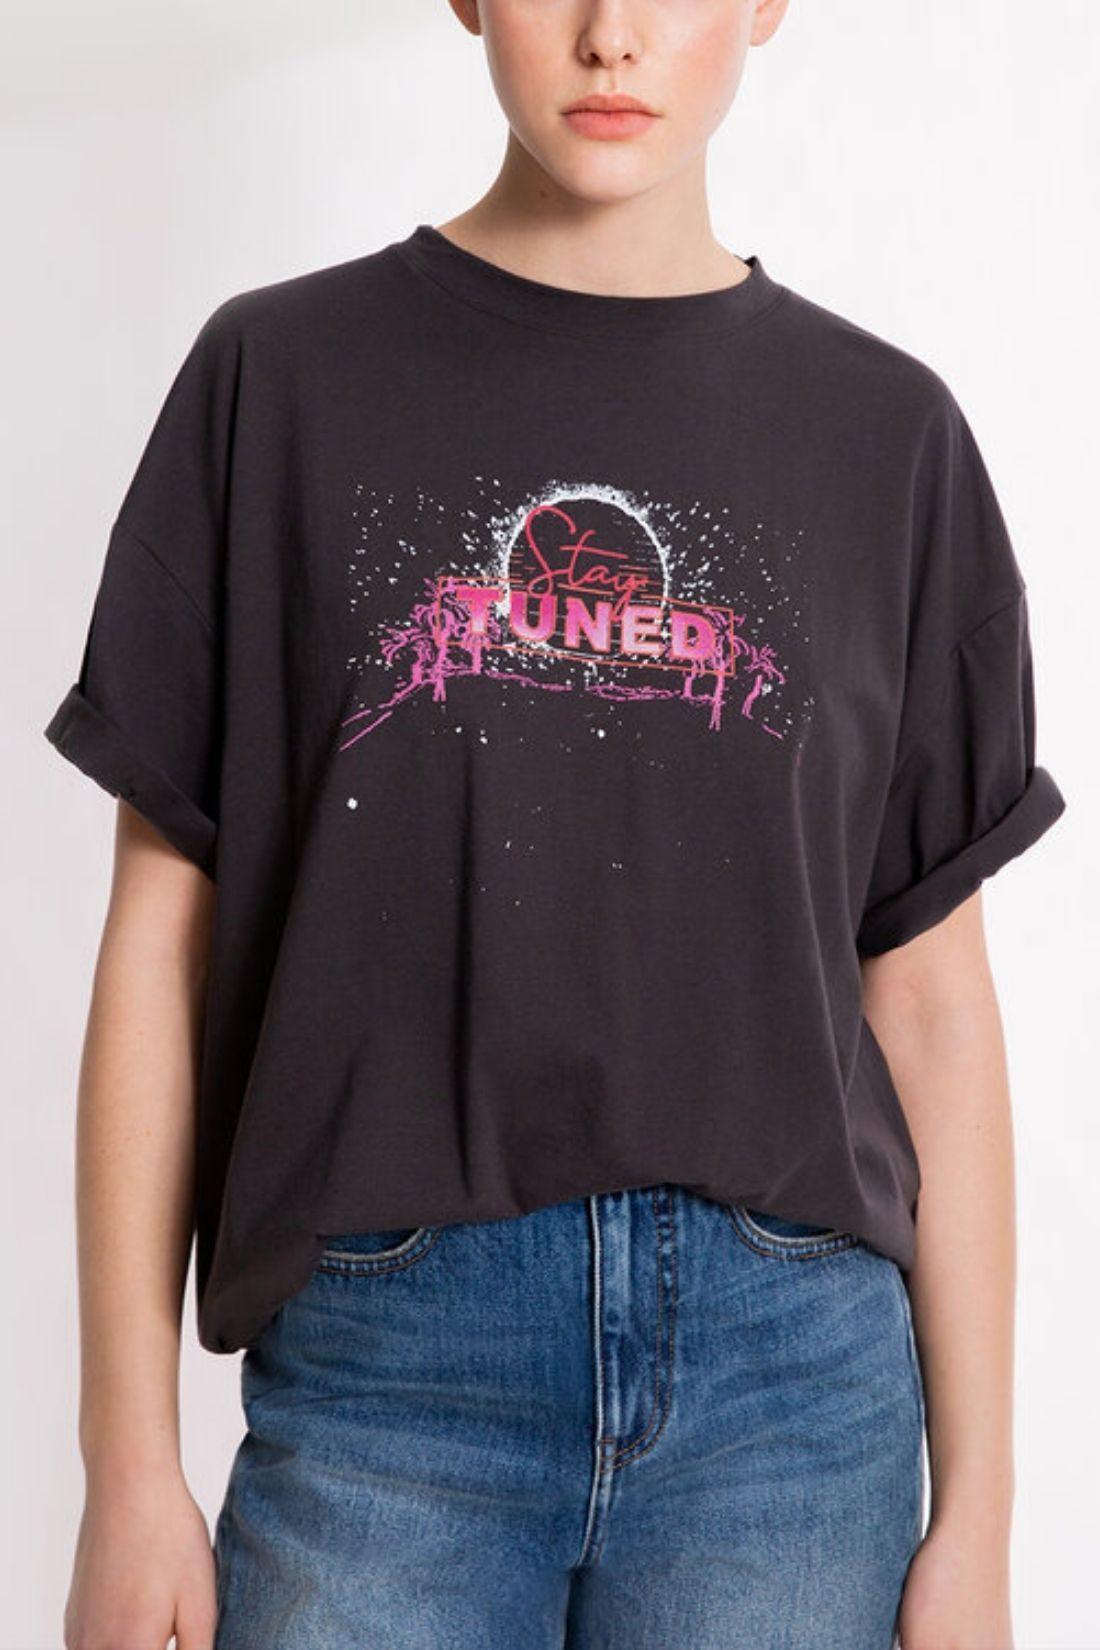 tee-shirt meads